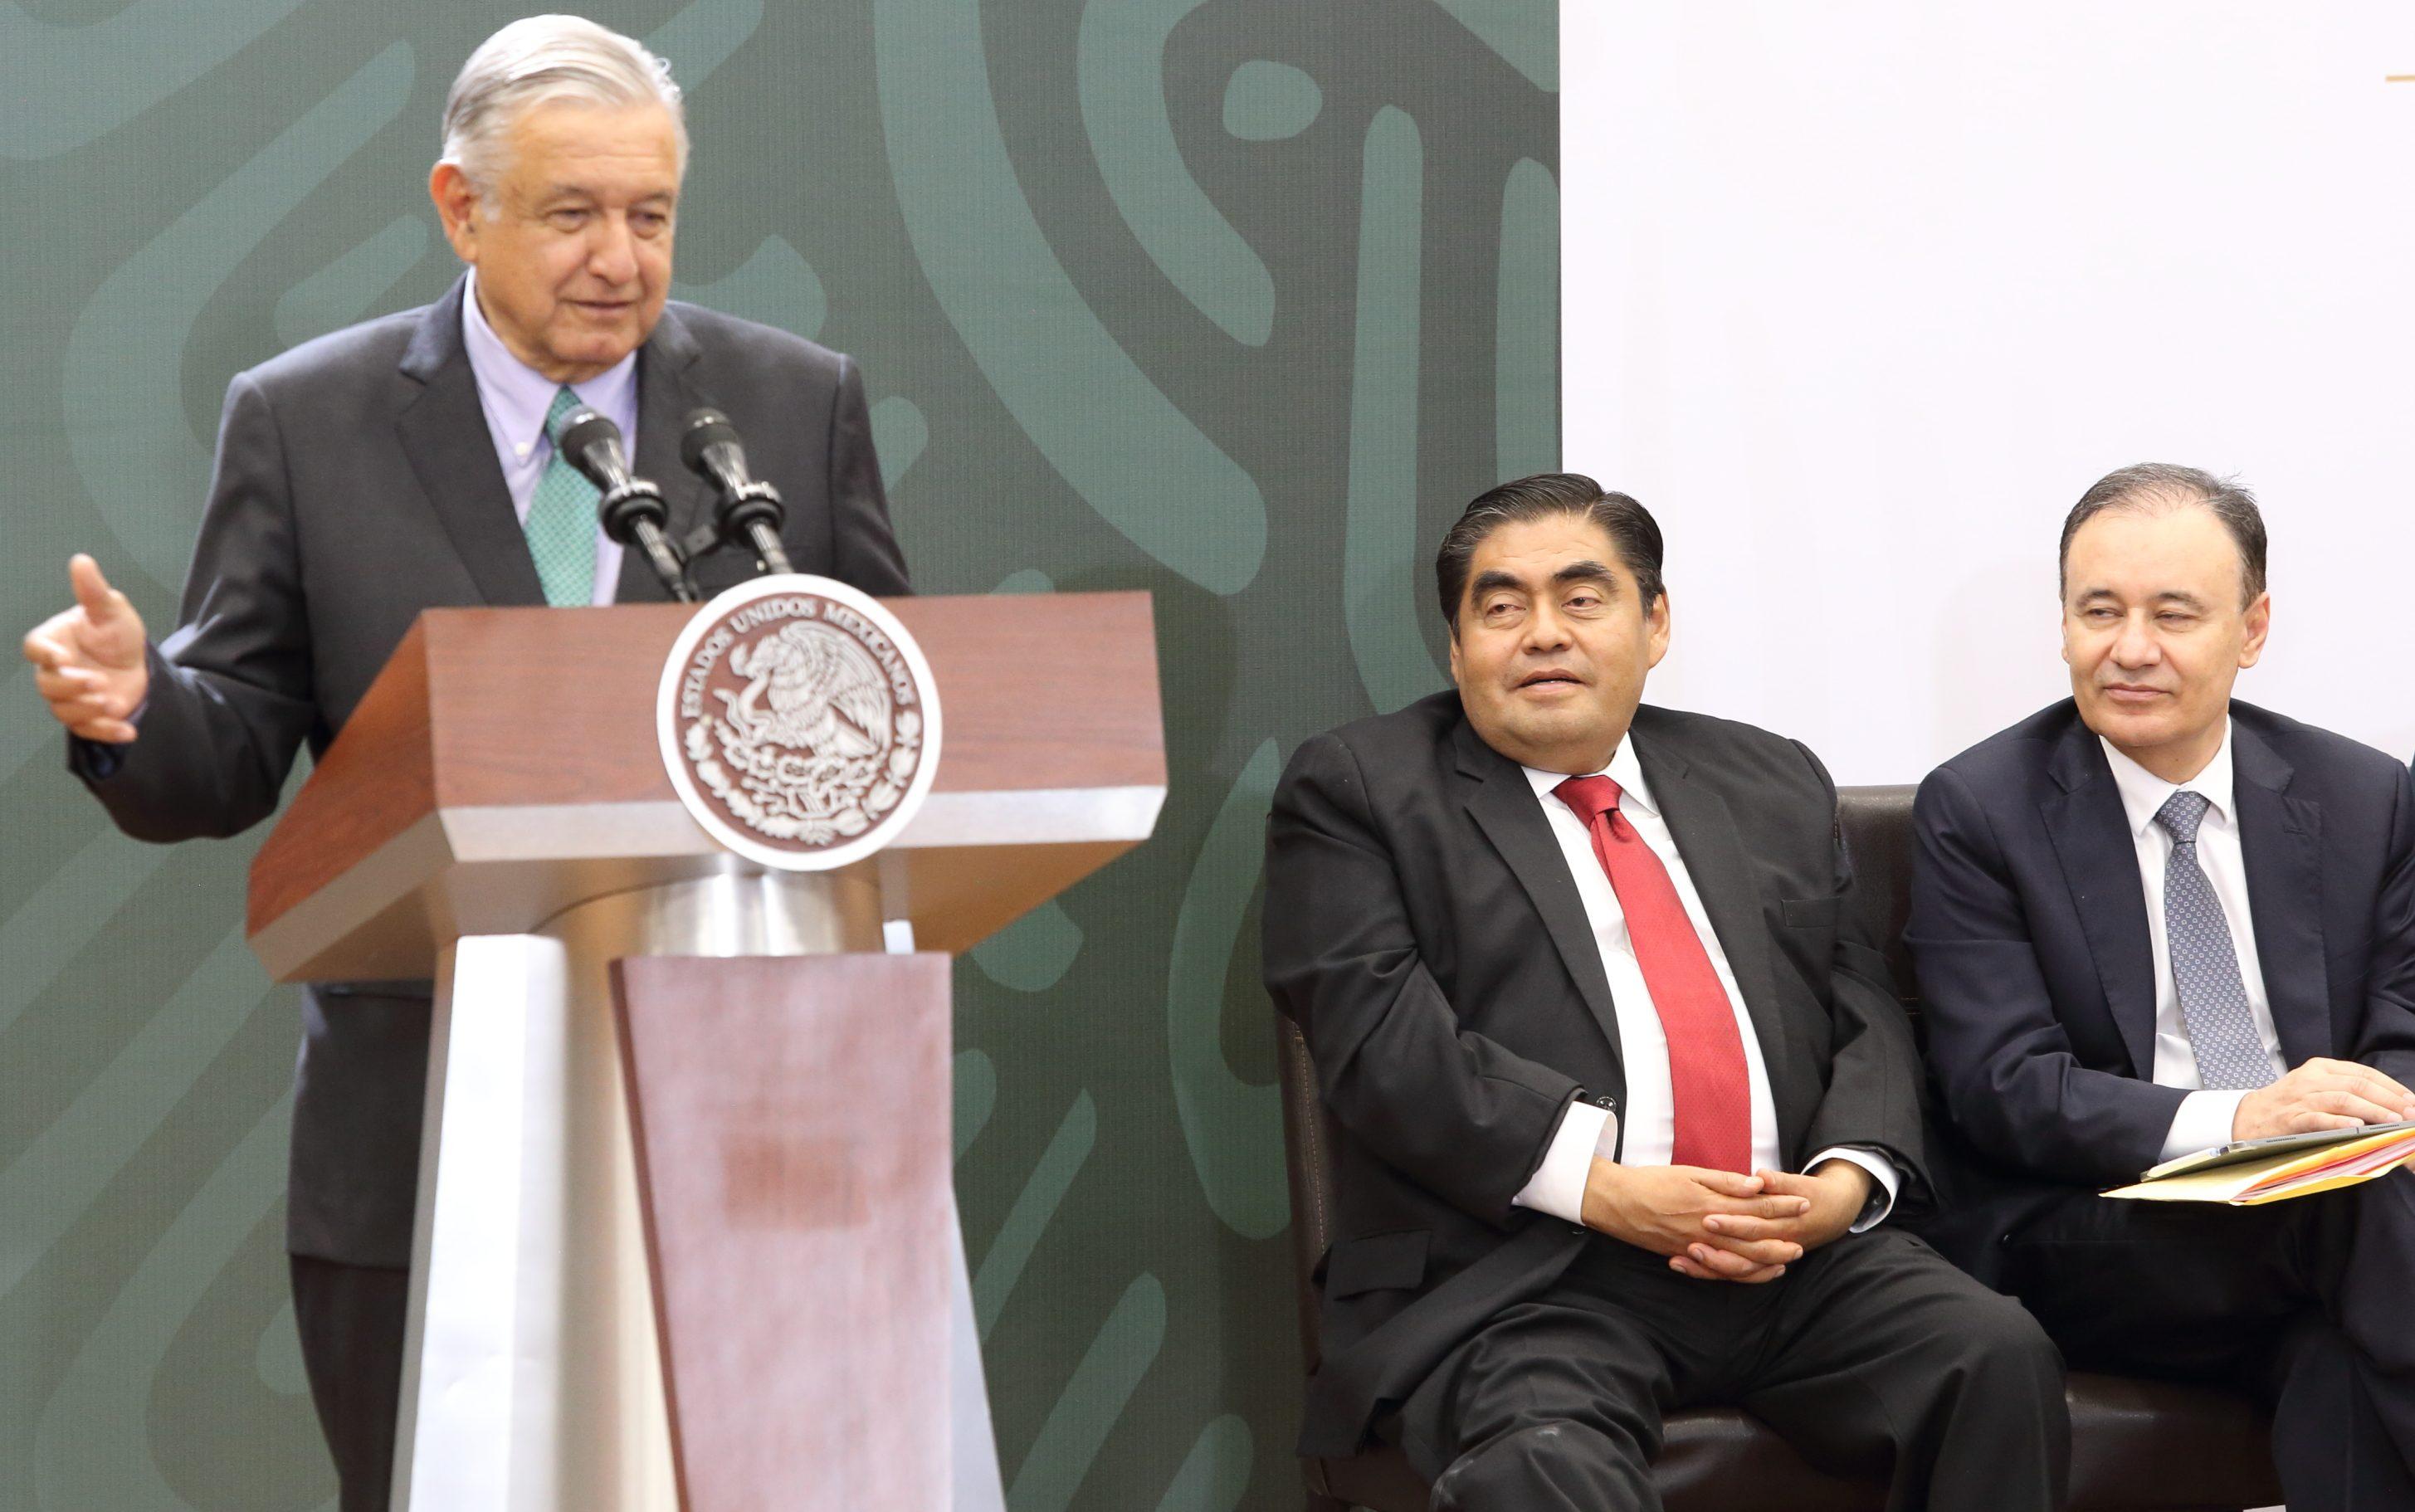 todo el apoyo para Puebla y su gobernador Miguel Barbosa: López Obrador